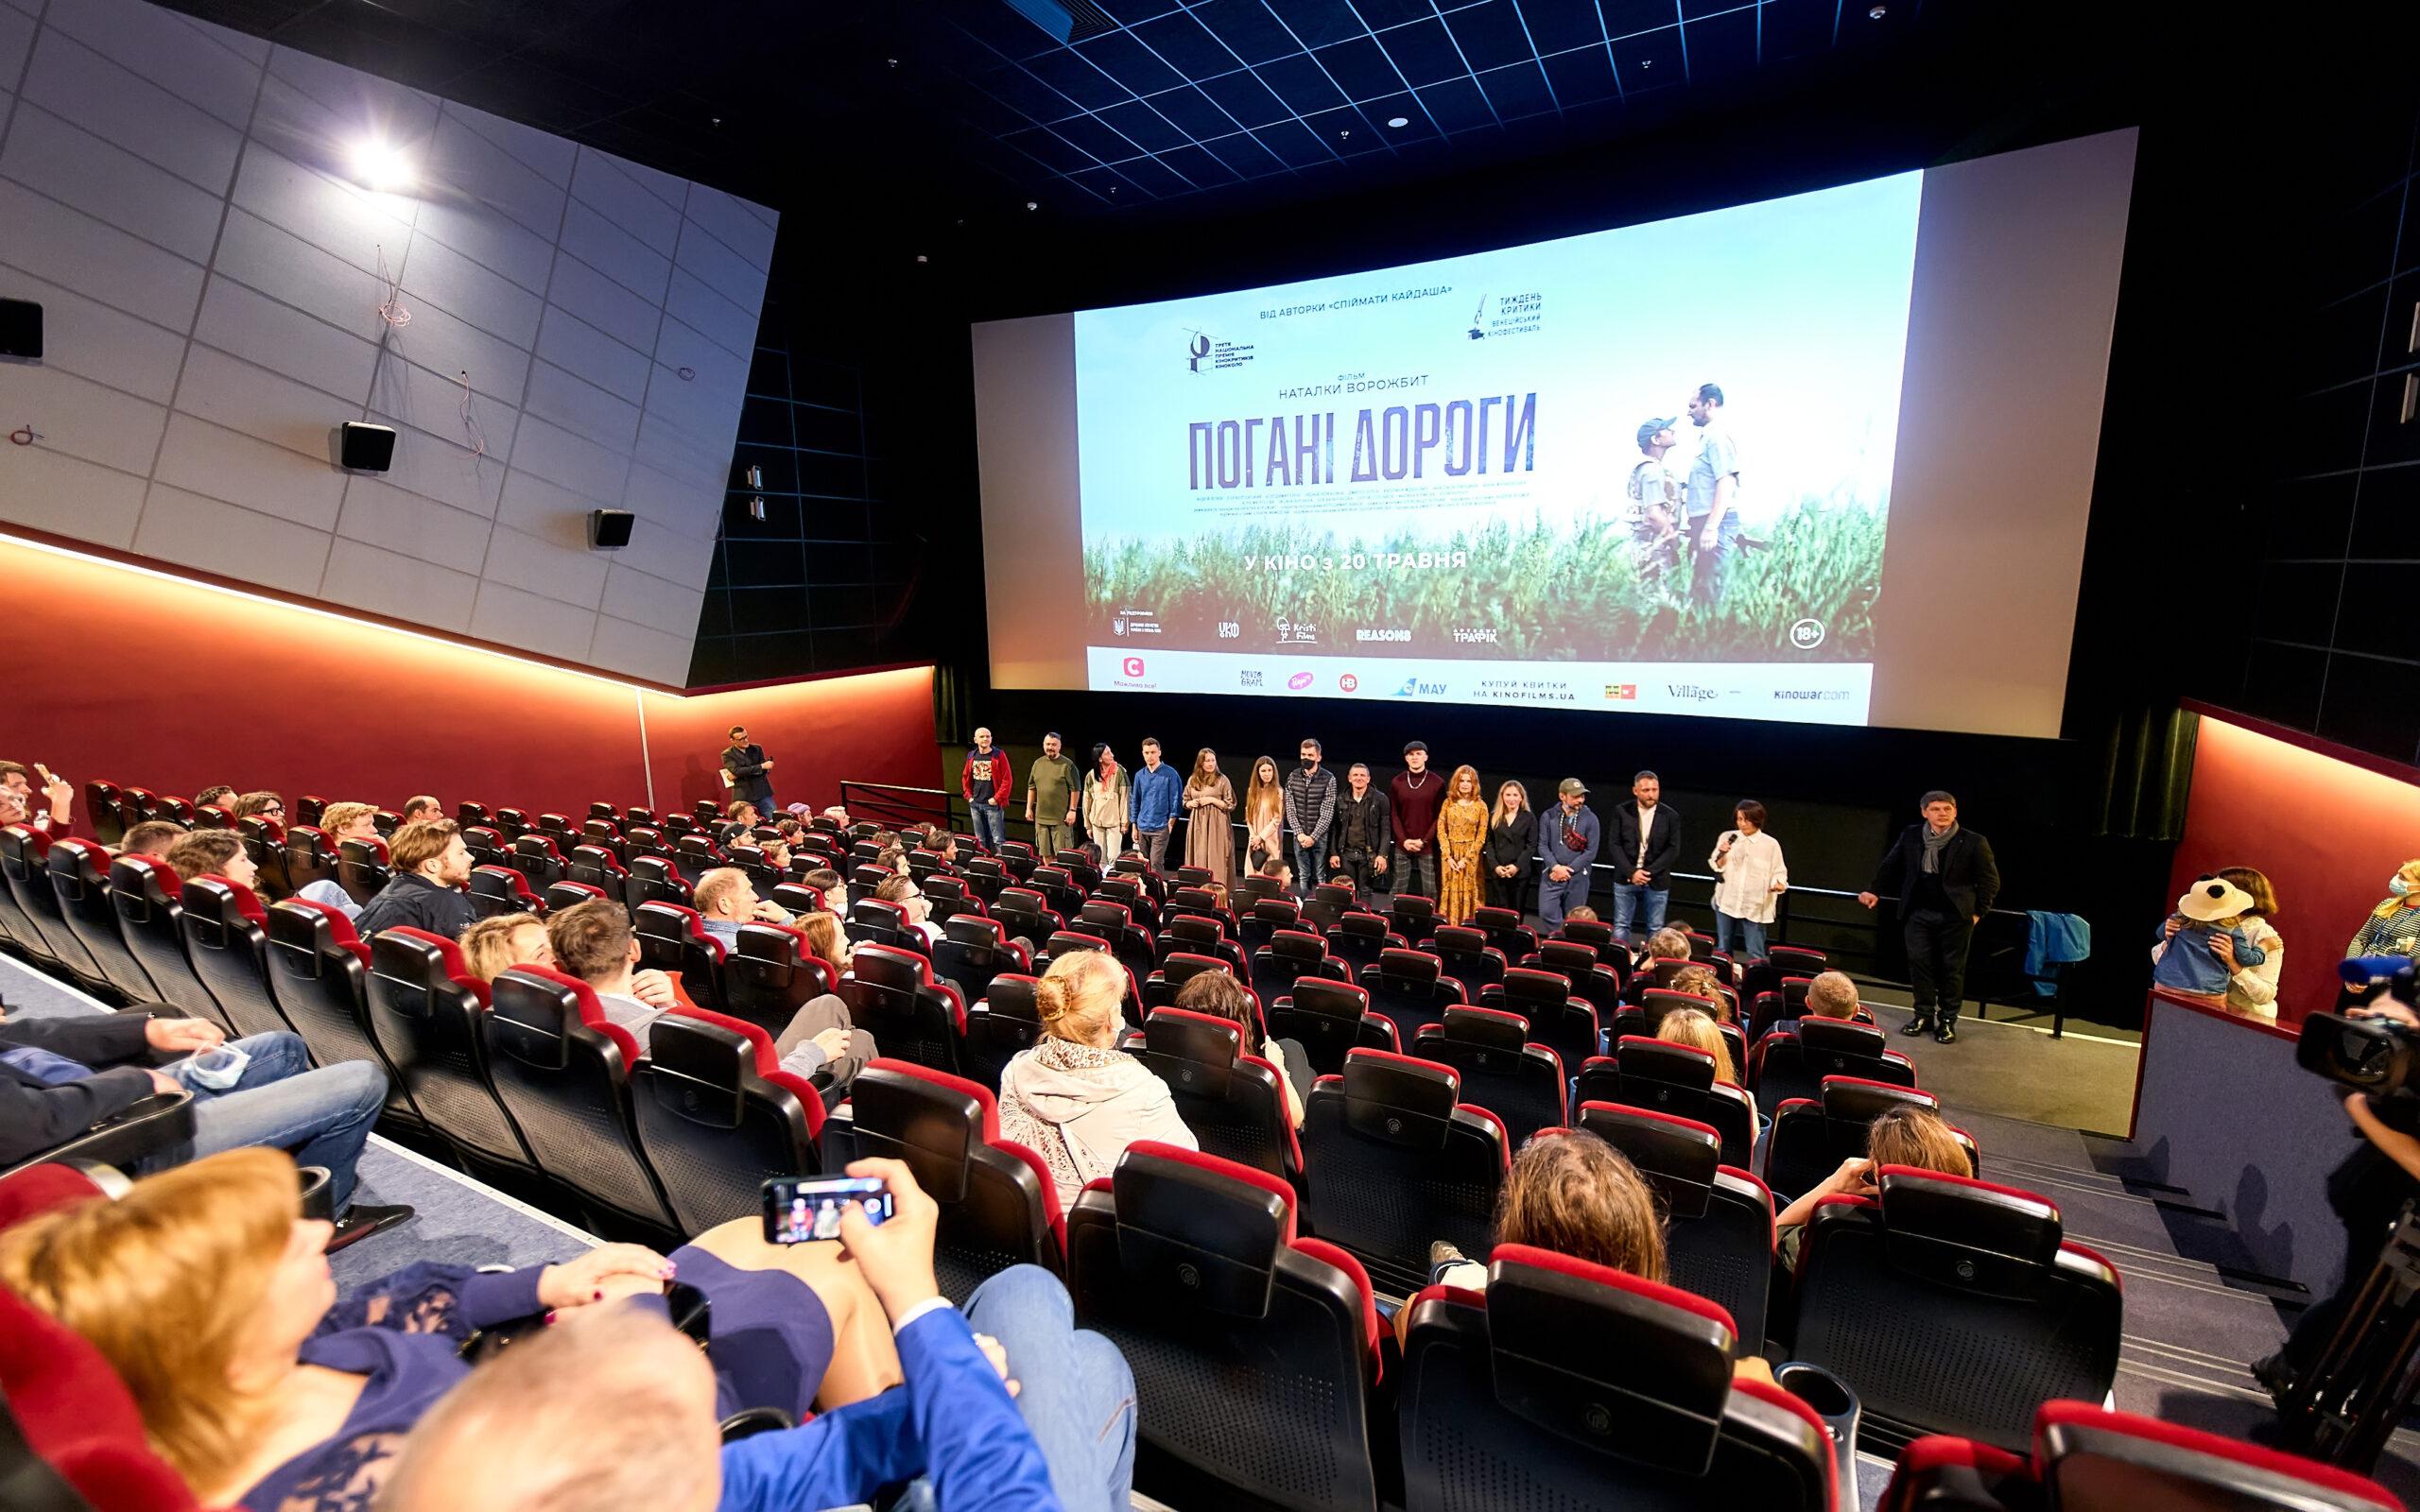 В кинотеатре «Оскар» состоялась премьера фильма «Погані дороги»